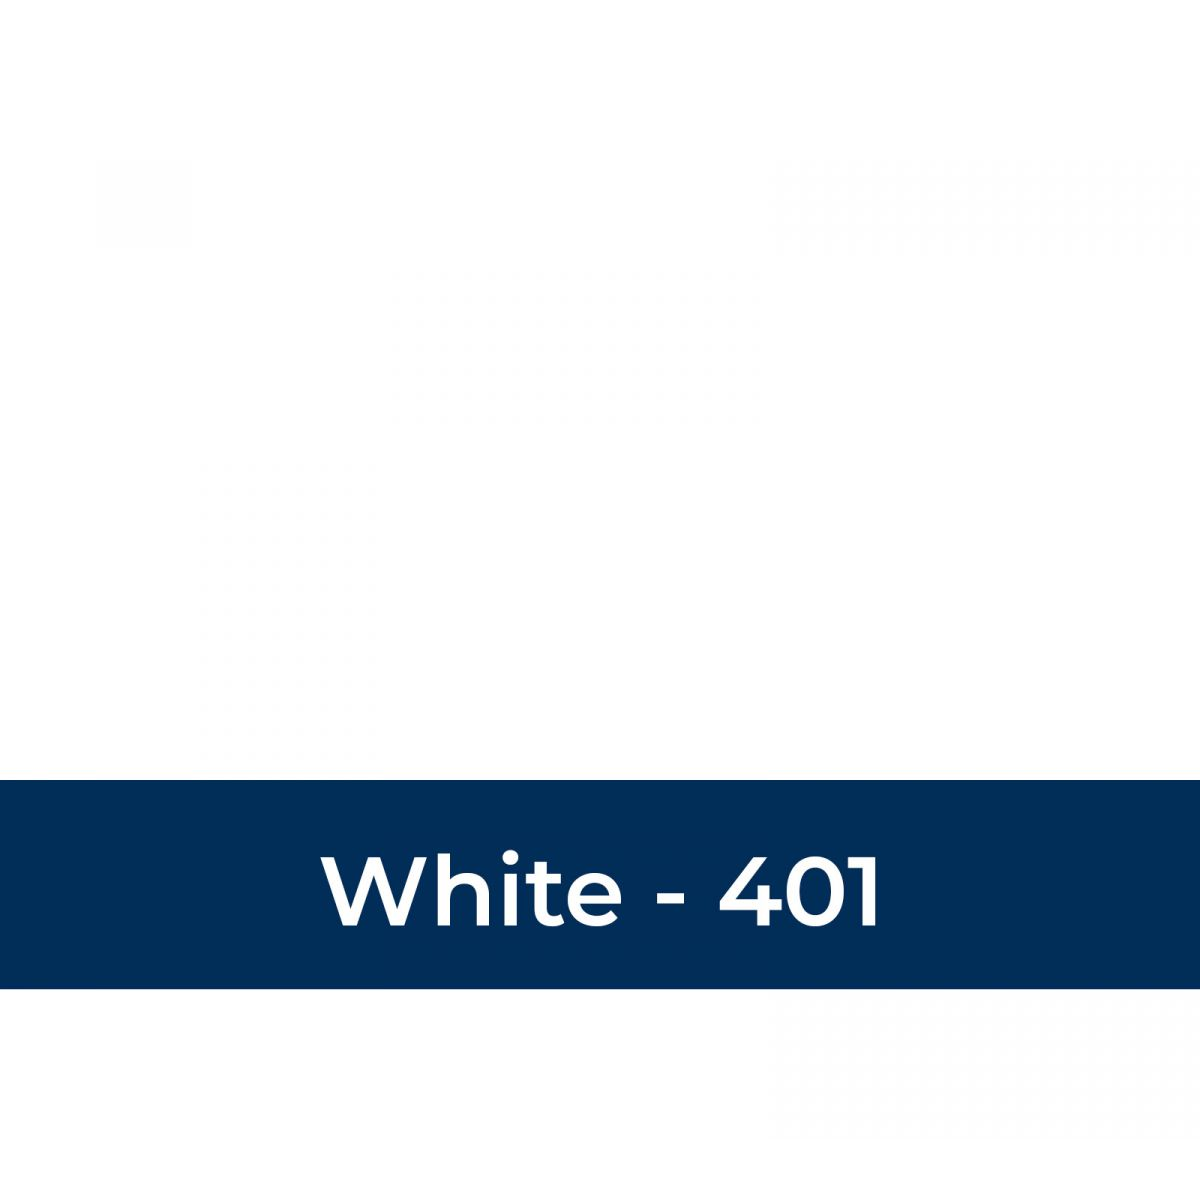 Hotmark White 401